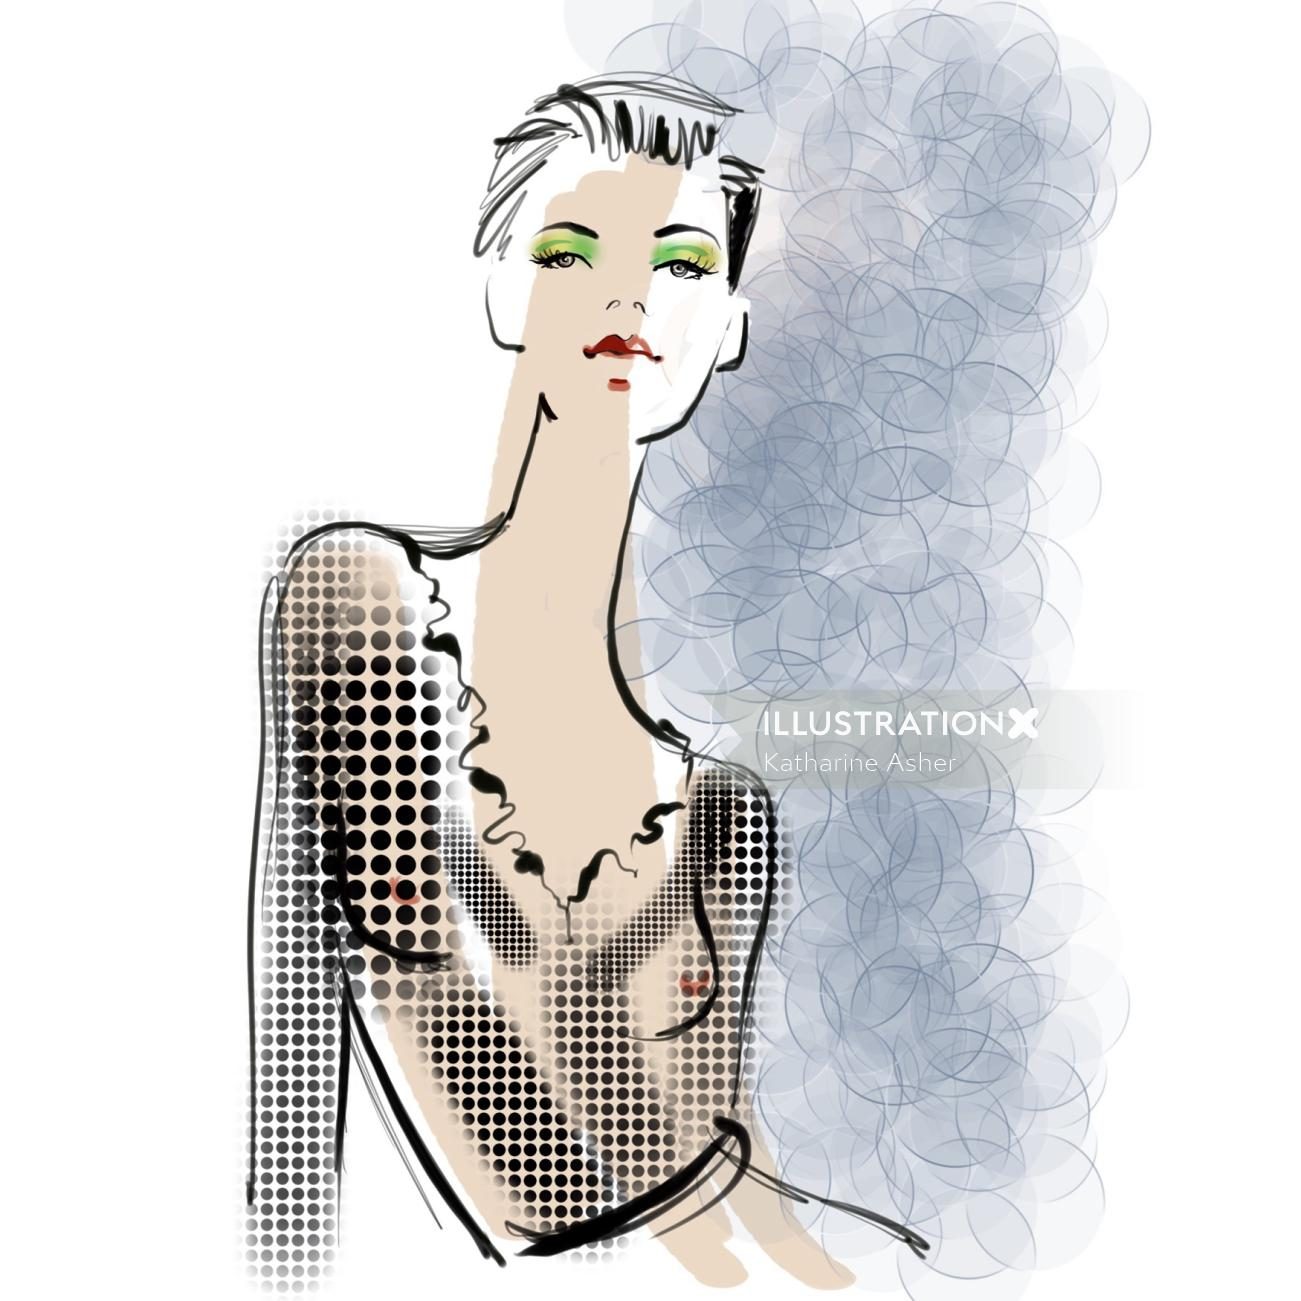 Digital fashion portrait of woman